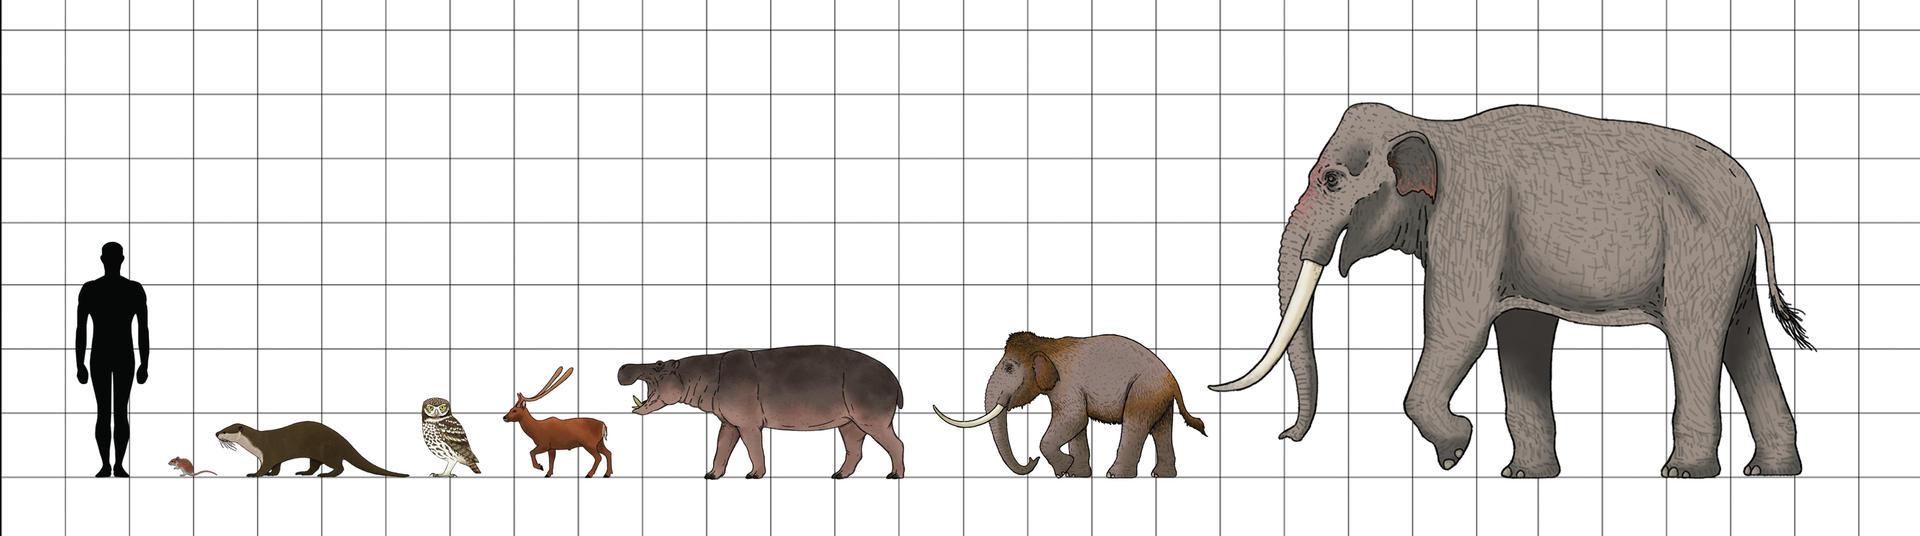 Thalassocène, un monde d'îles Size_chart__pleistocene_fauna_of_crete_by_sanciusart_ddbncqk-fullview.jpg?token=eyJ0eXAiOiJKV1QiLCJhbGciOiJIUzI1NiJ9.eyJzdWIiOiJ1cm46YXBwOiIsImlzcyI6InVybjphcHA6Iiwib2JqIjpbW3siaGVpZ2h0IjoiPD01MzYiLCJwYXRoIjoiXC9mXC9kODVlMDljYi01MzdmLTRlNzEtOTBmYi00MWMwNmY3NzQyZTdcL2RkYm5jcWstYjBlMmIzZDctYTQzNy00ZTY0LWJlNjMtMGU4NTEwZjIyMjZjLmpwZyIsIndpZHRoIjoiPD0xOTIwIn1dXSwiYXVkIjpbInVybjpzZXJ2aWNlOmltYWdlLm9wZXJhdGlvbnMiXX0